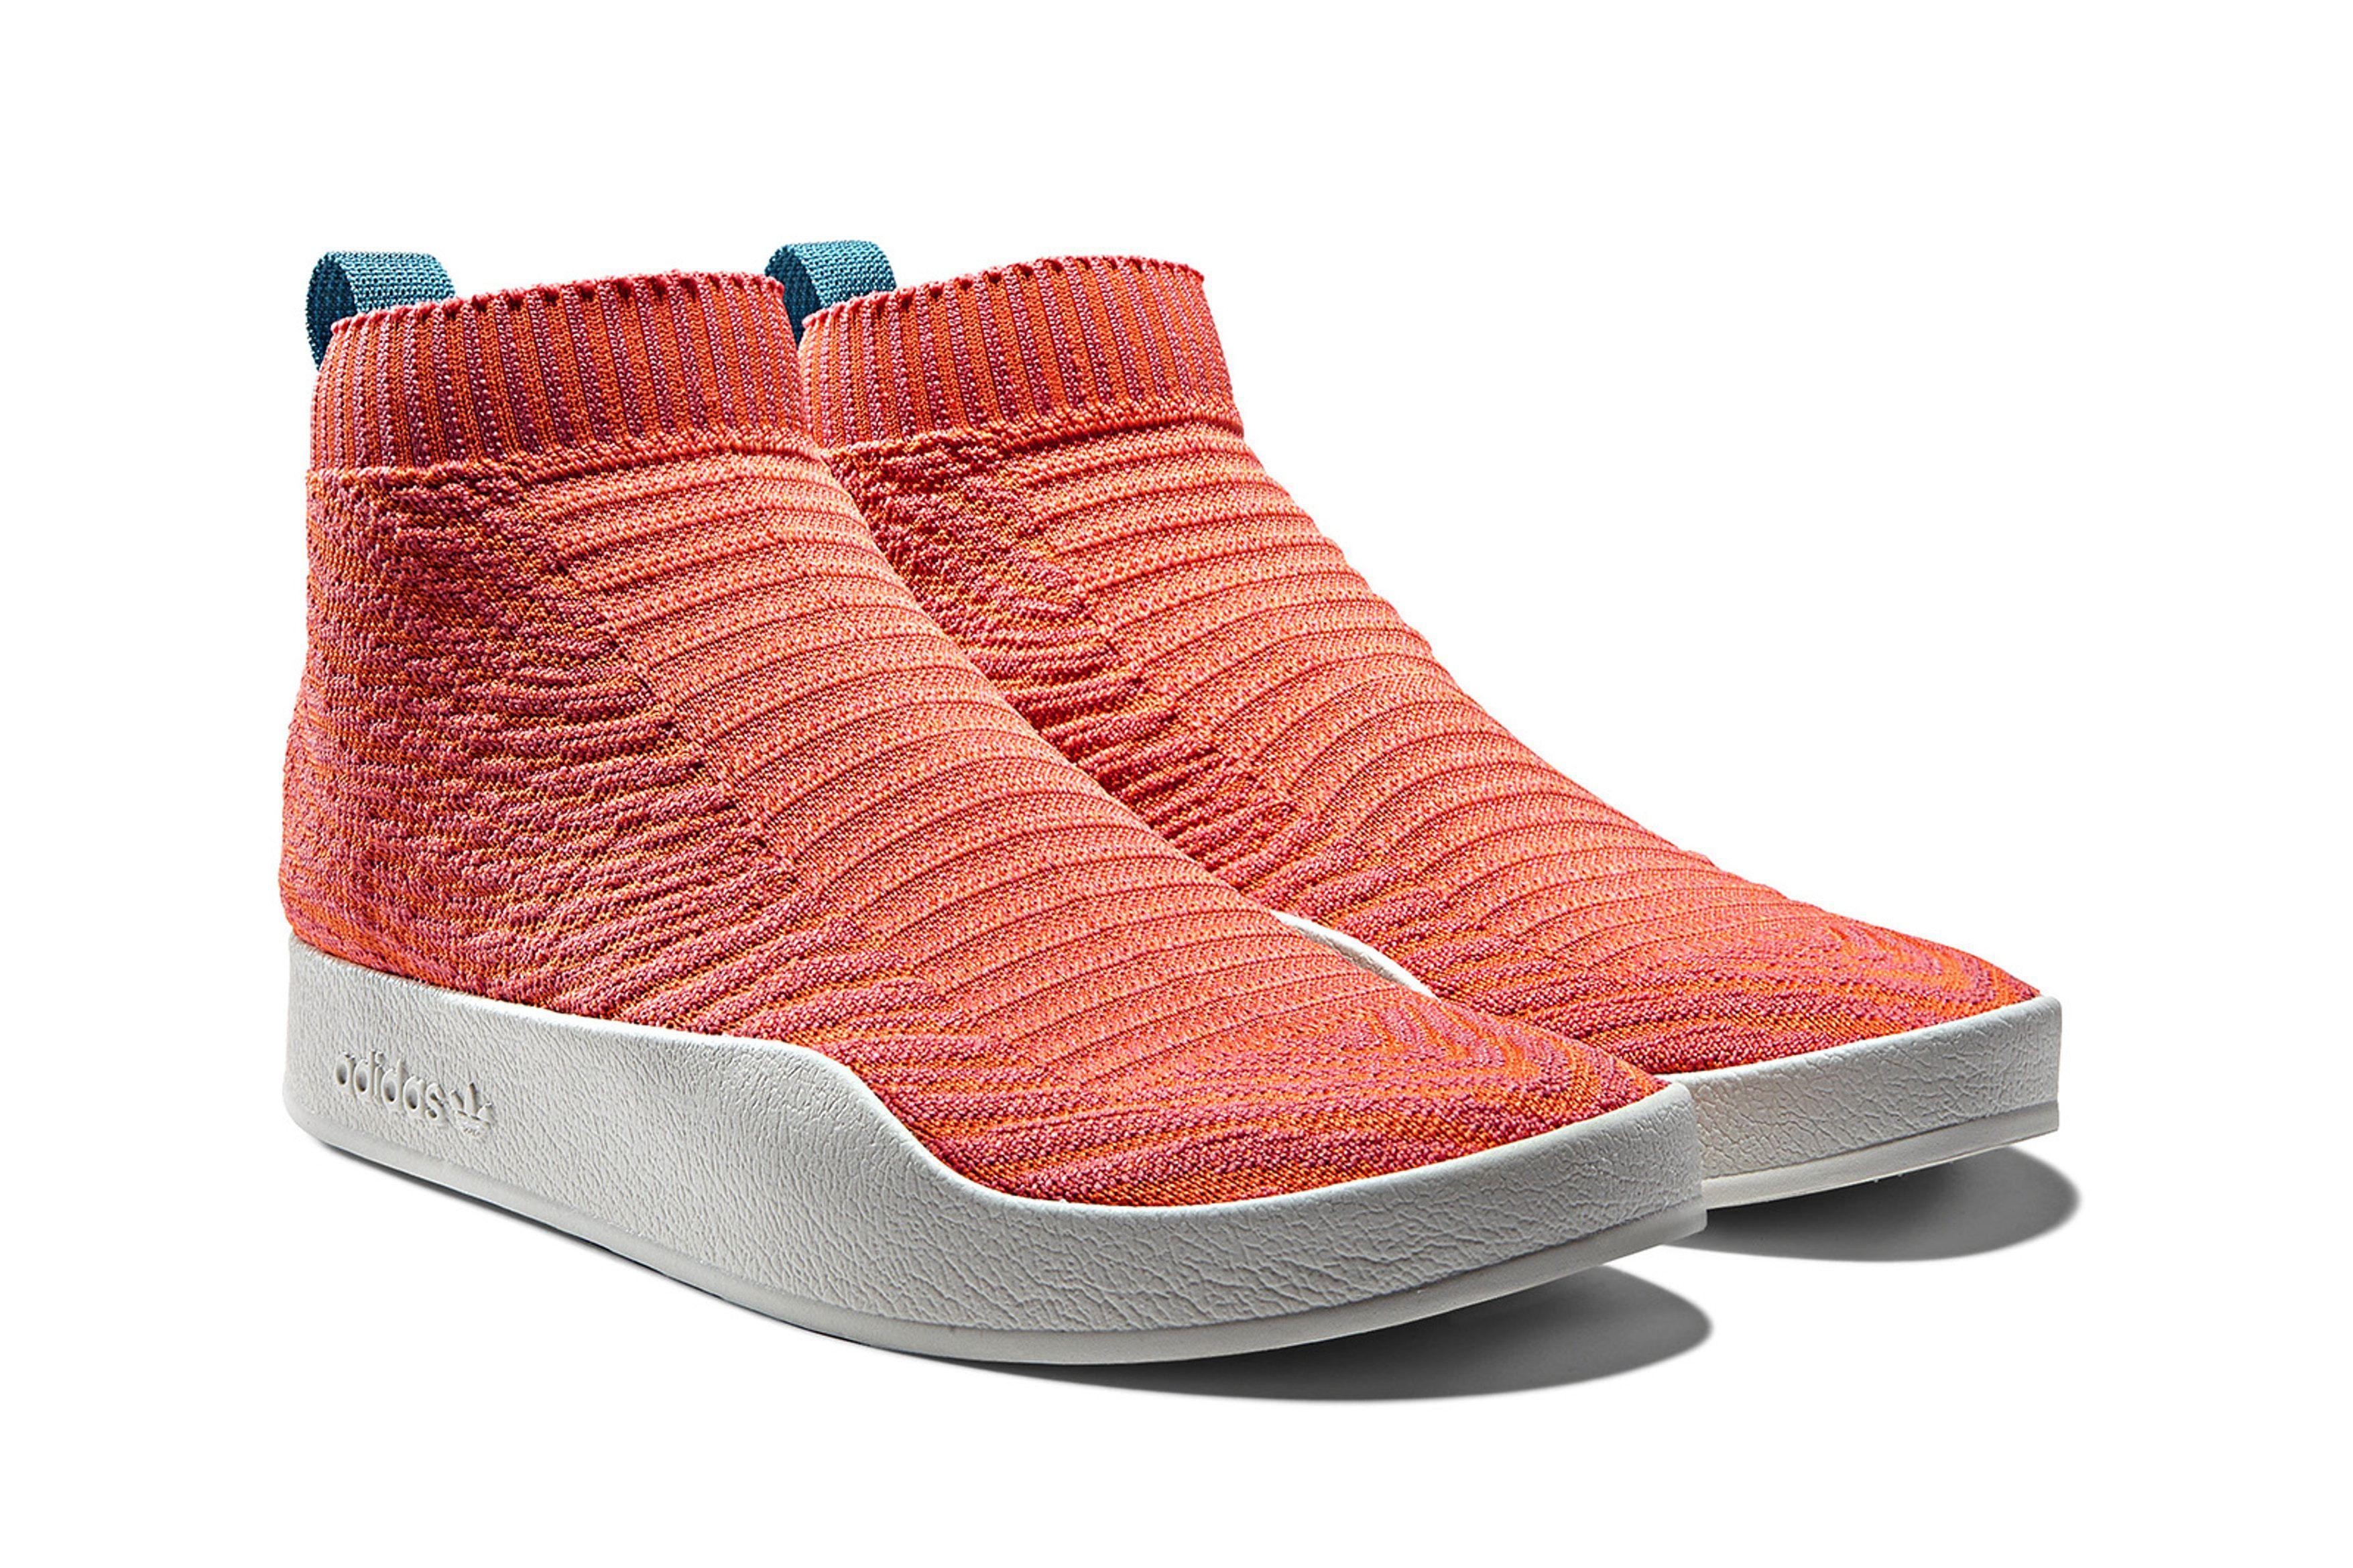 Atric Originals Adidas Atric Adidas Adidas Originals O0NnP8Xwk